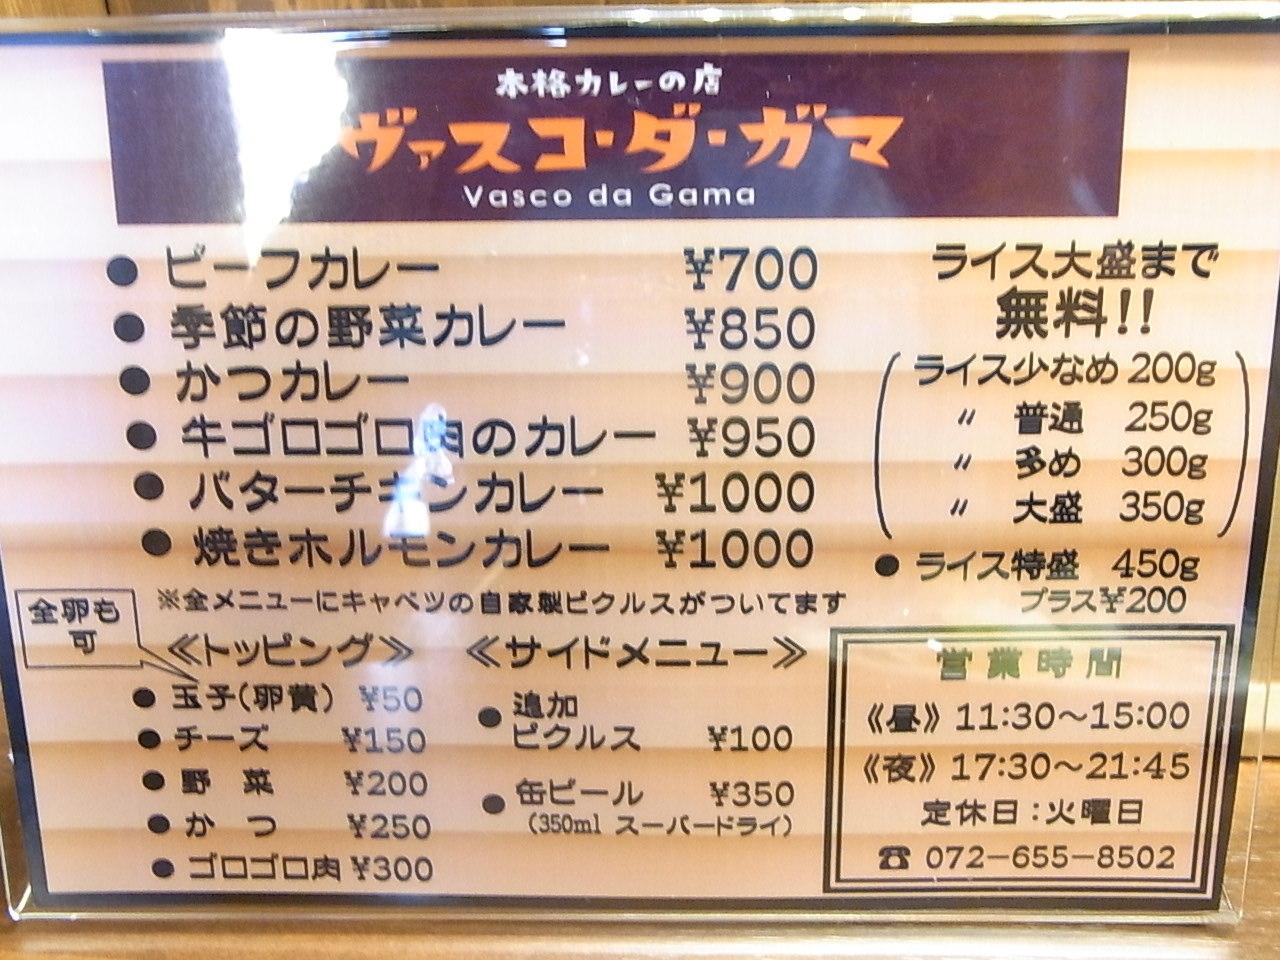 ヴァスコ・ダ・ガマ 北園町店